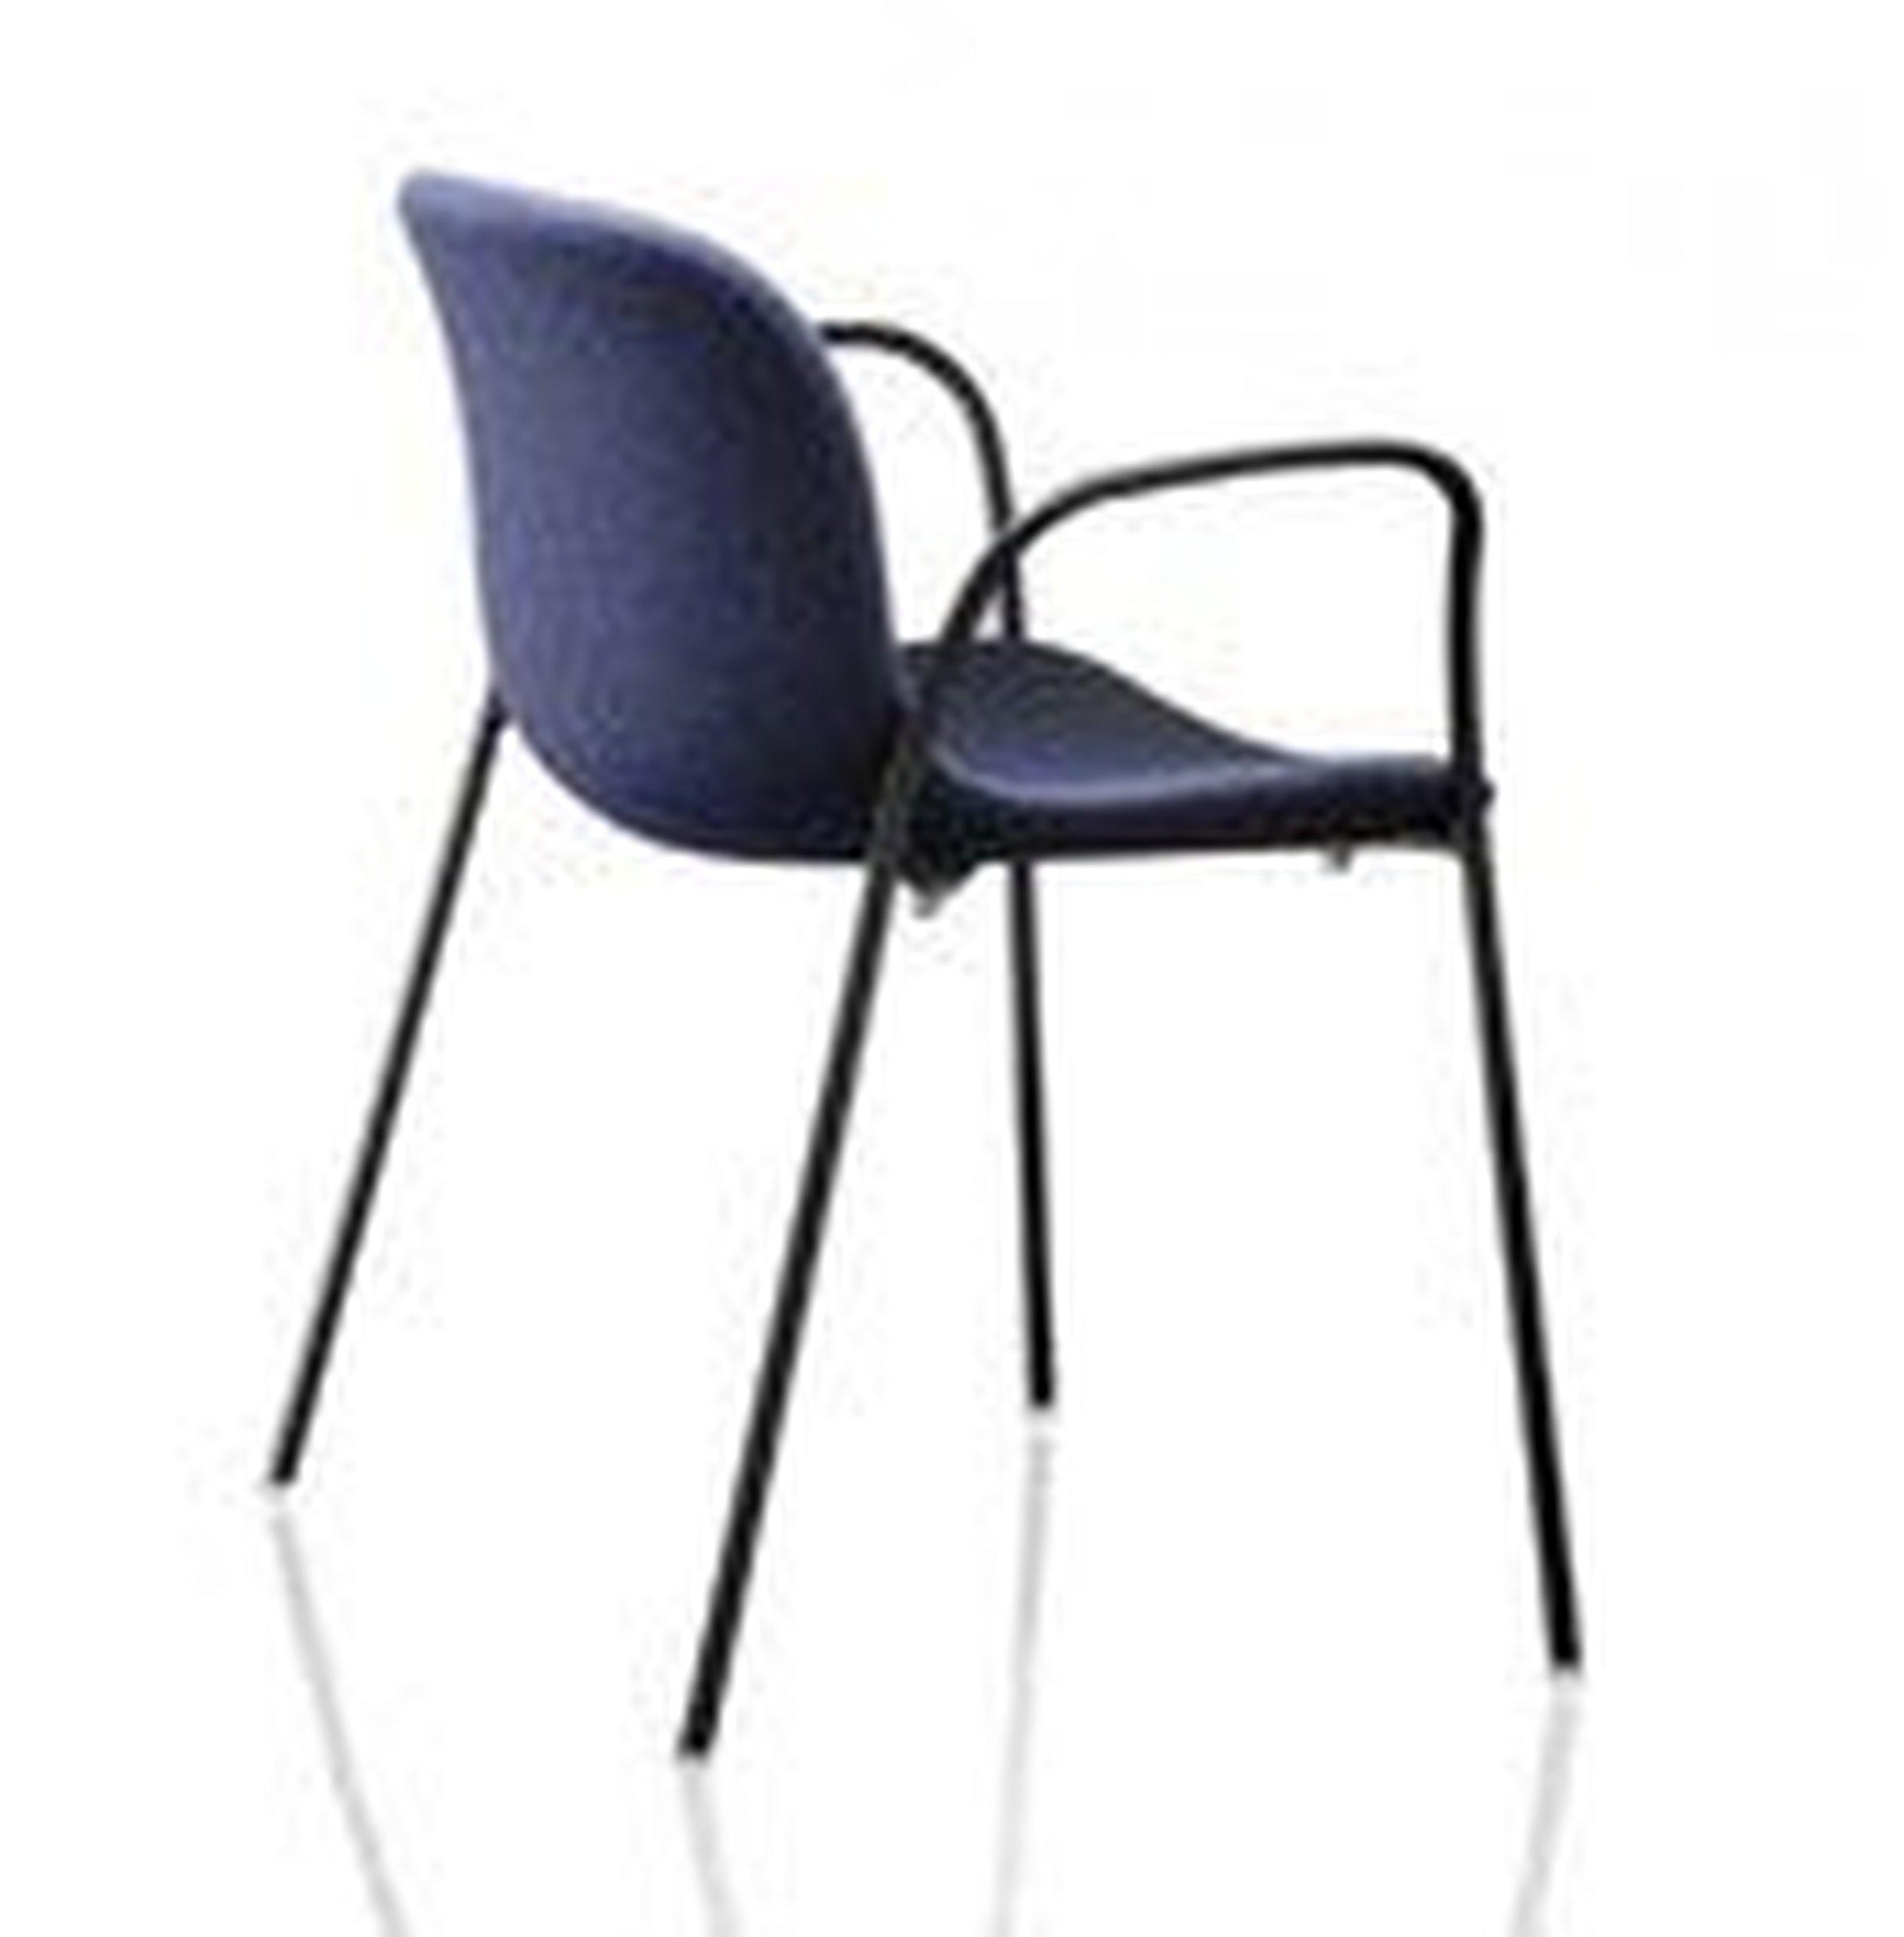 Krzesło Troy z podł. tapicerowane czarna rama niebieskie siedzisko - małe zdjęcie